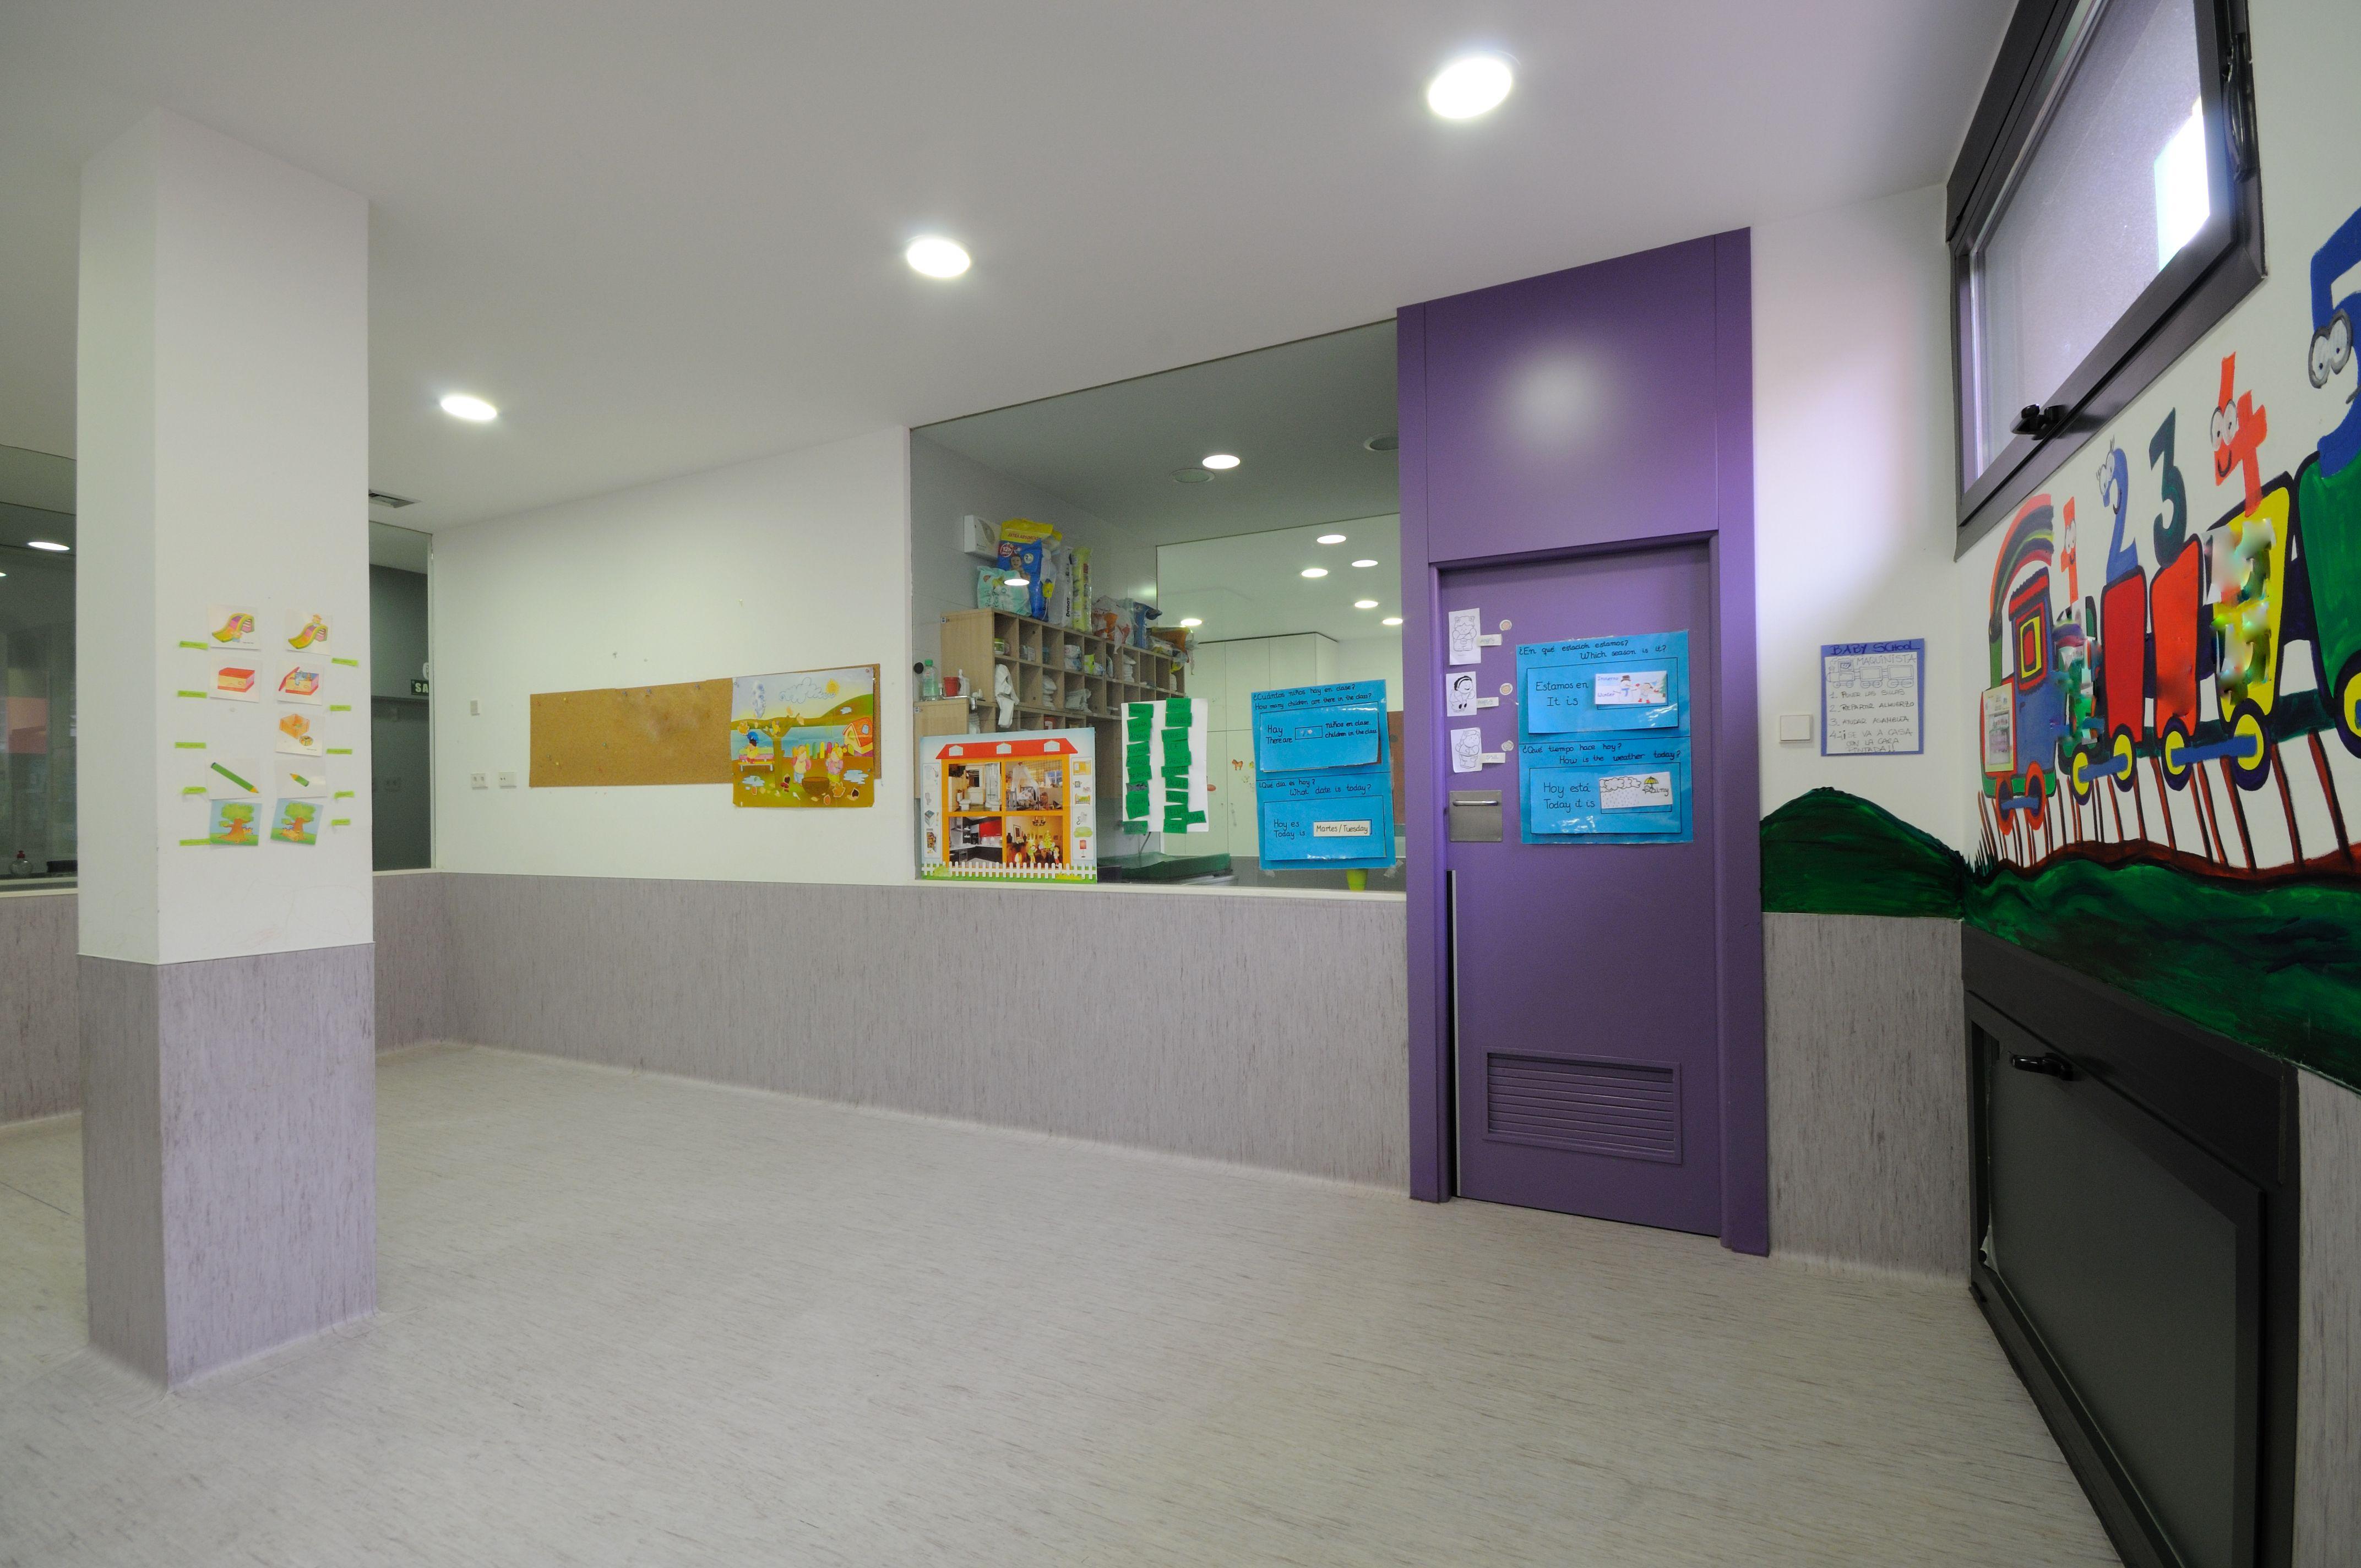 Foto 6 de Guarderías y Escuelas infantiles en Pamplona | Baby School